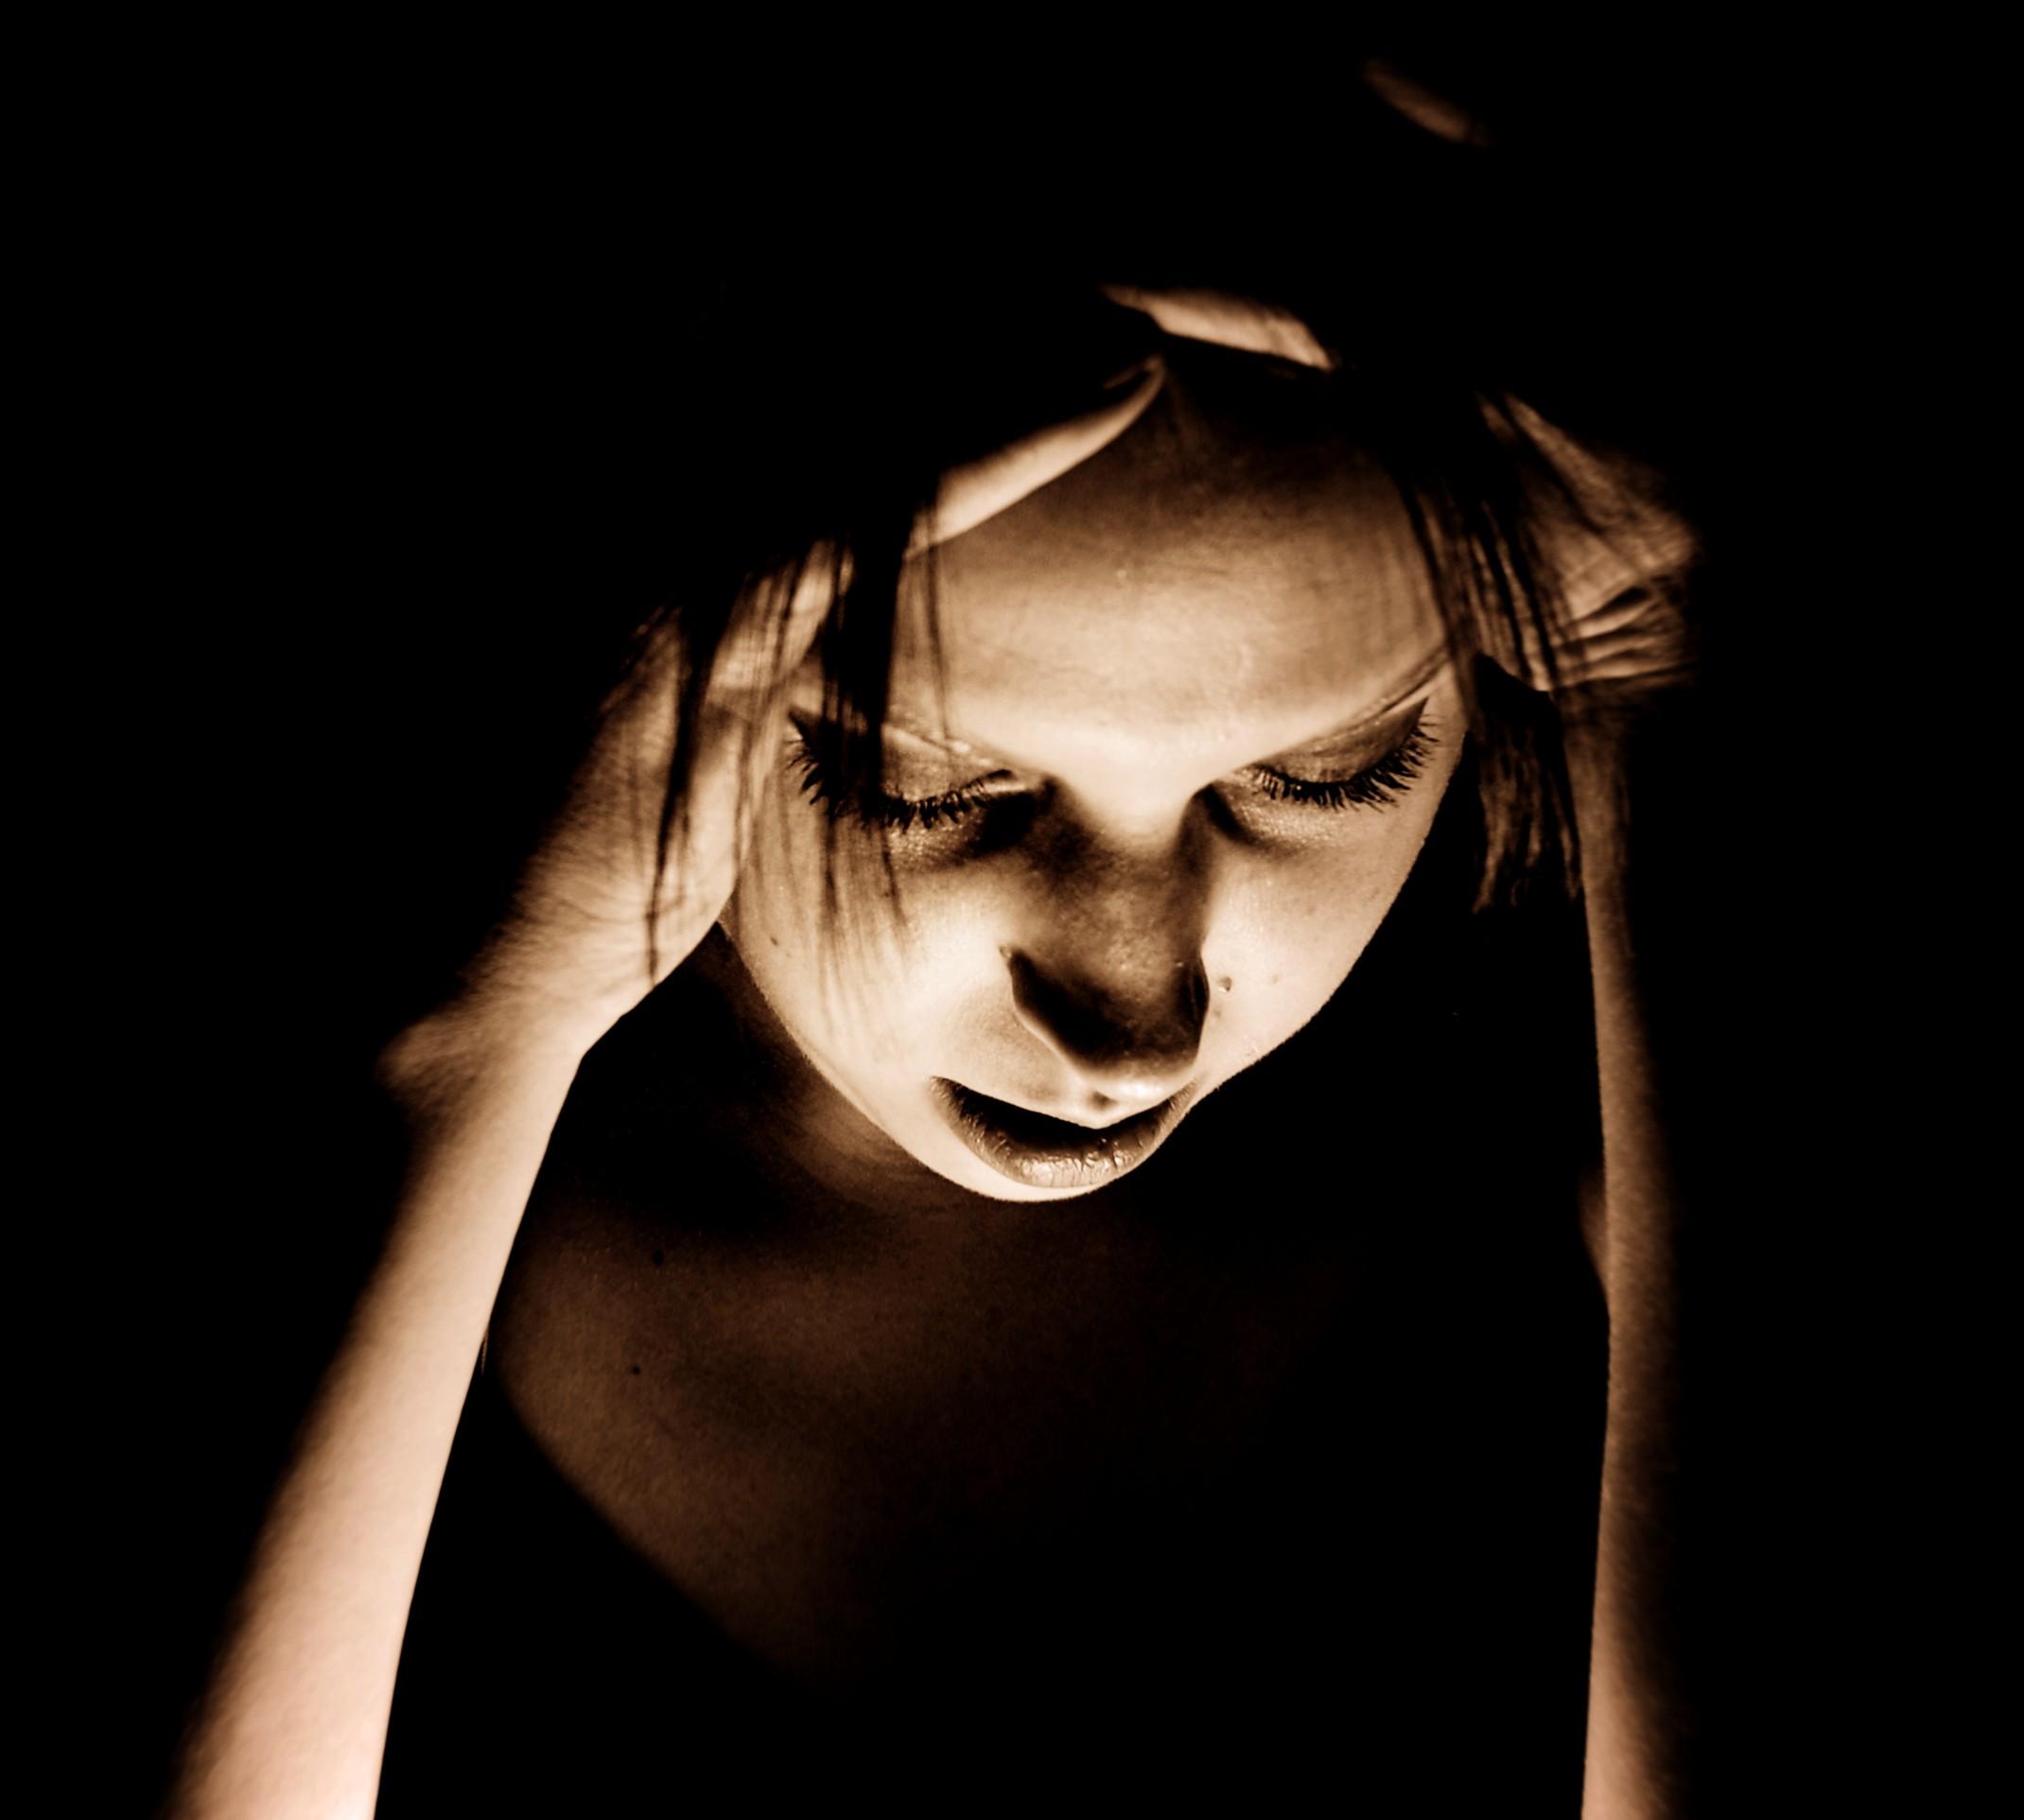 Egy nő két kezét kétoldalt halántékára feszíti, Kép: wikimedia